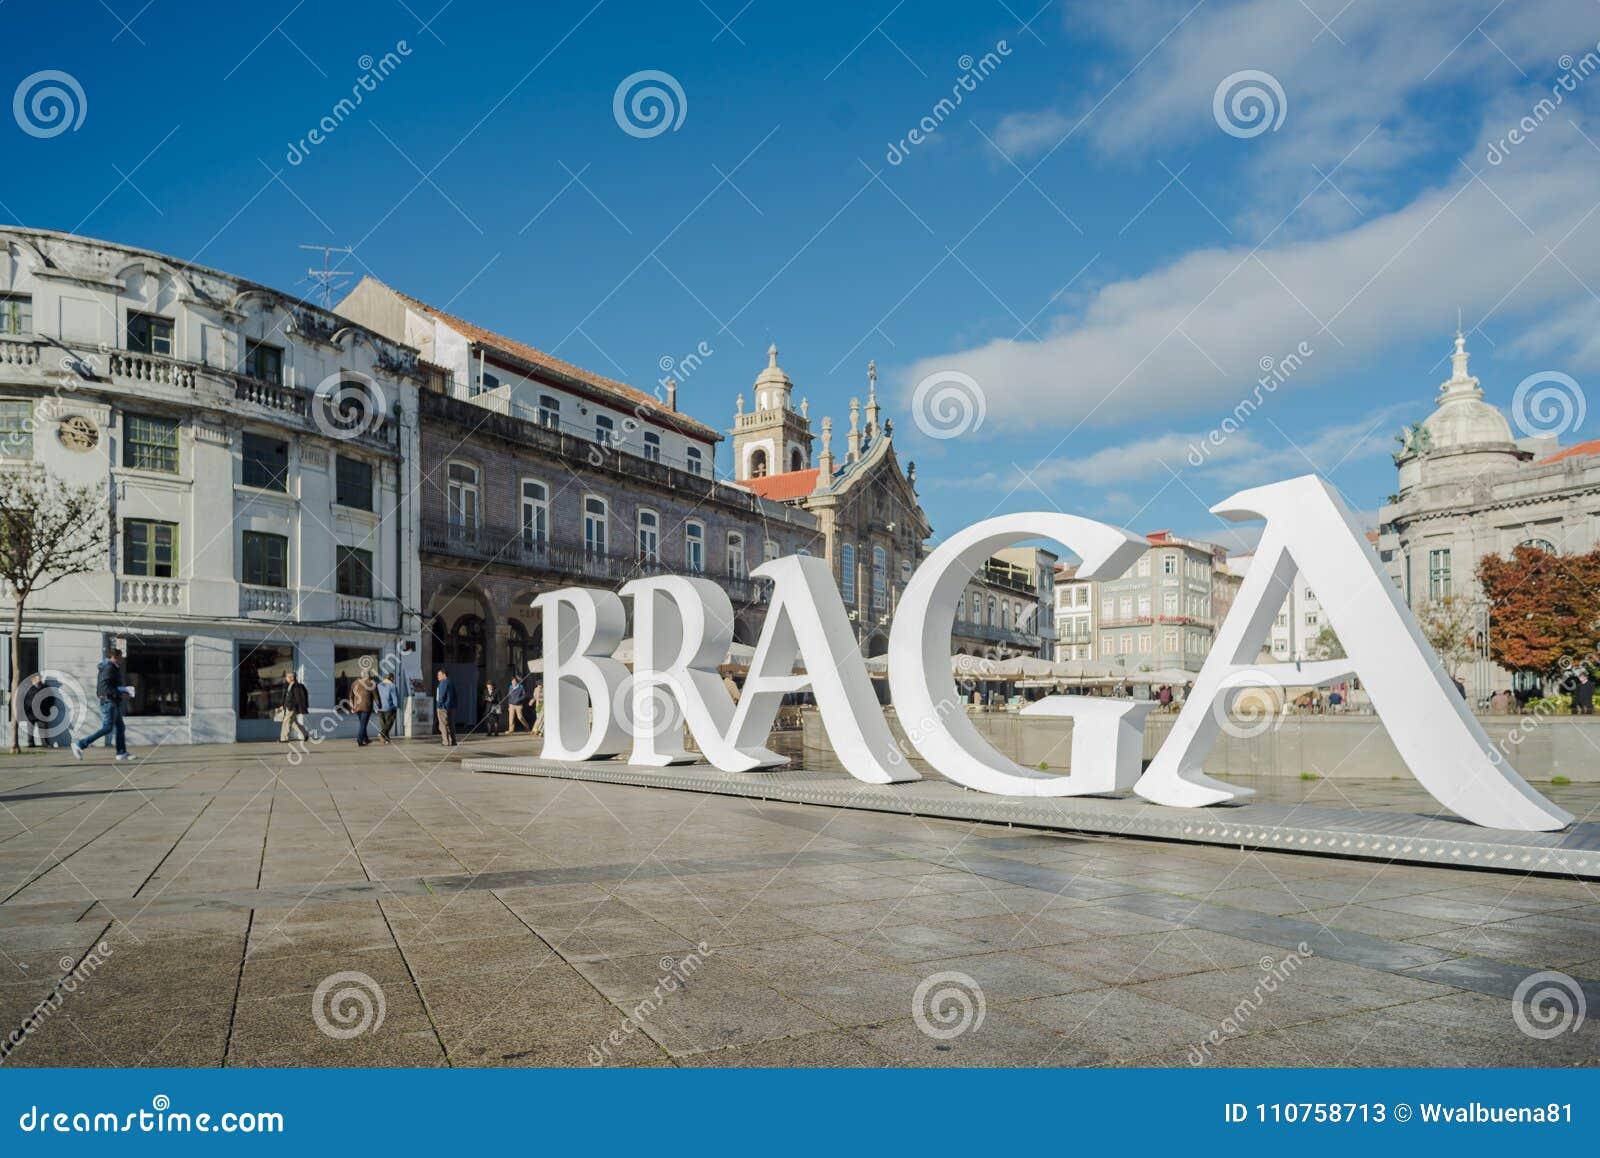 Il quadrato principale della città di Braga